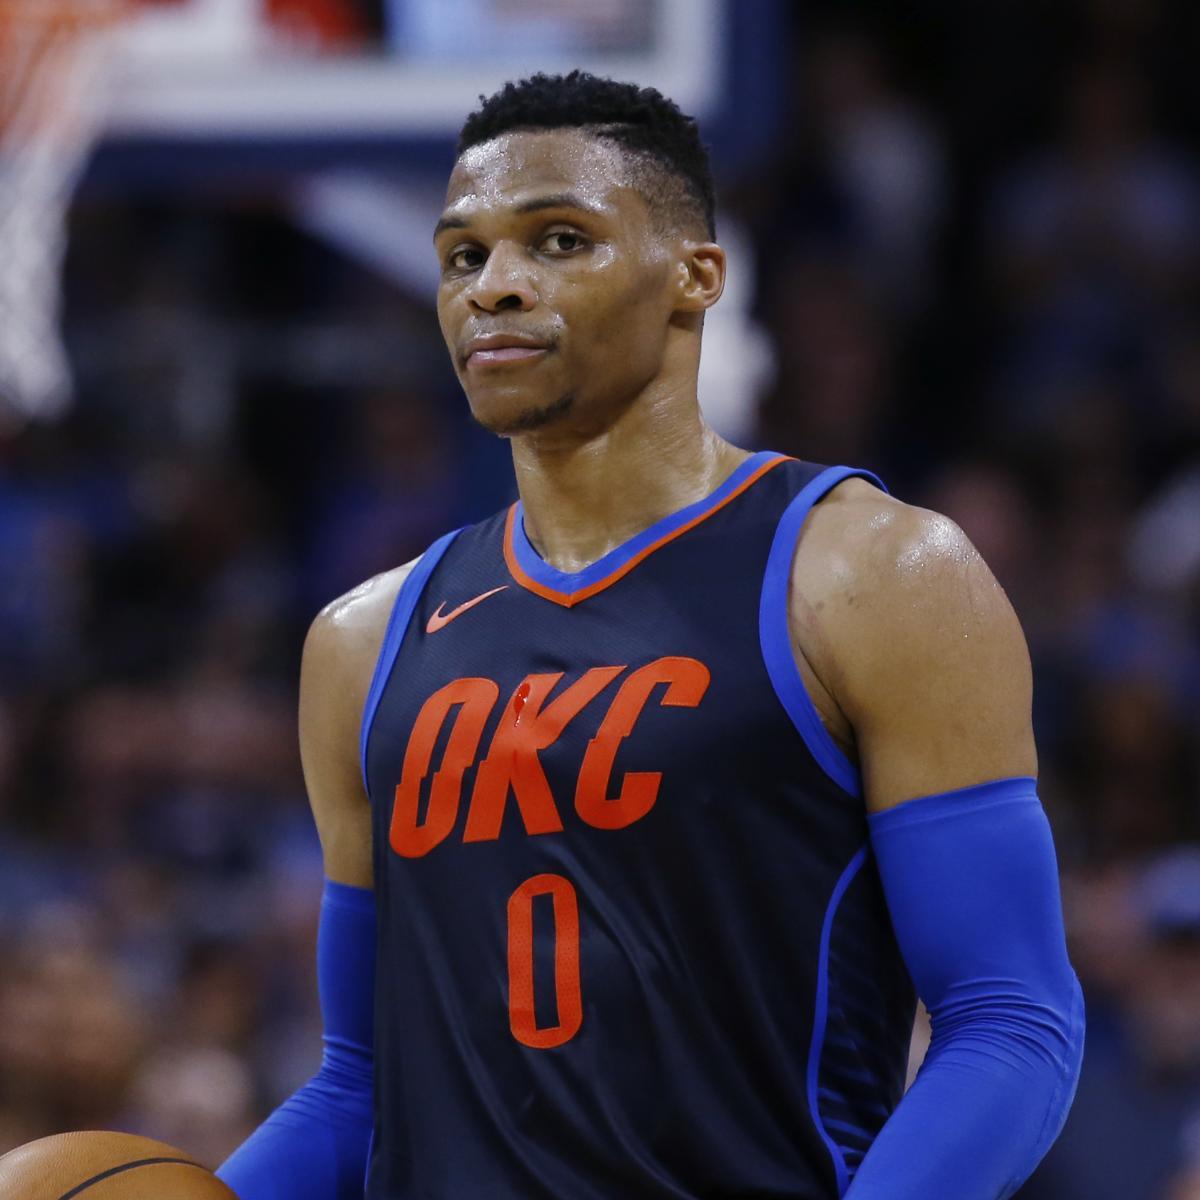 Oklahoma City Thunder Vs. Denver Nuggets Odds, Analysis